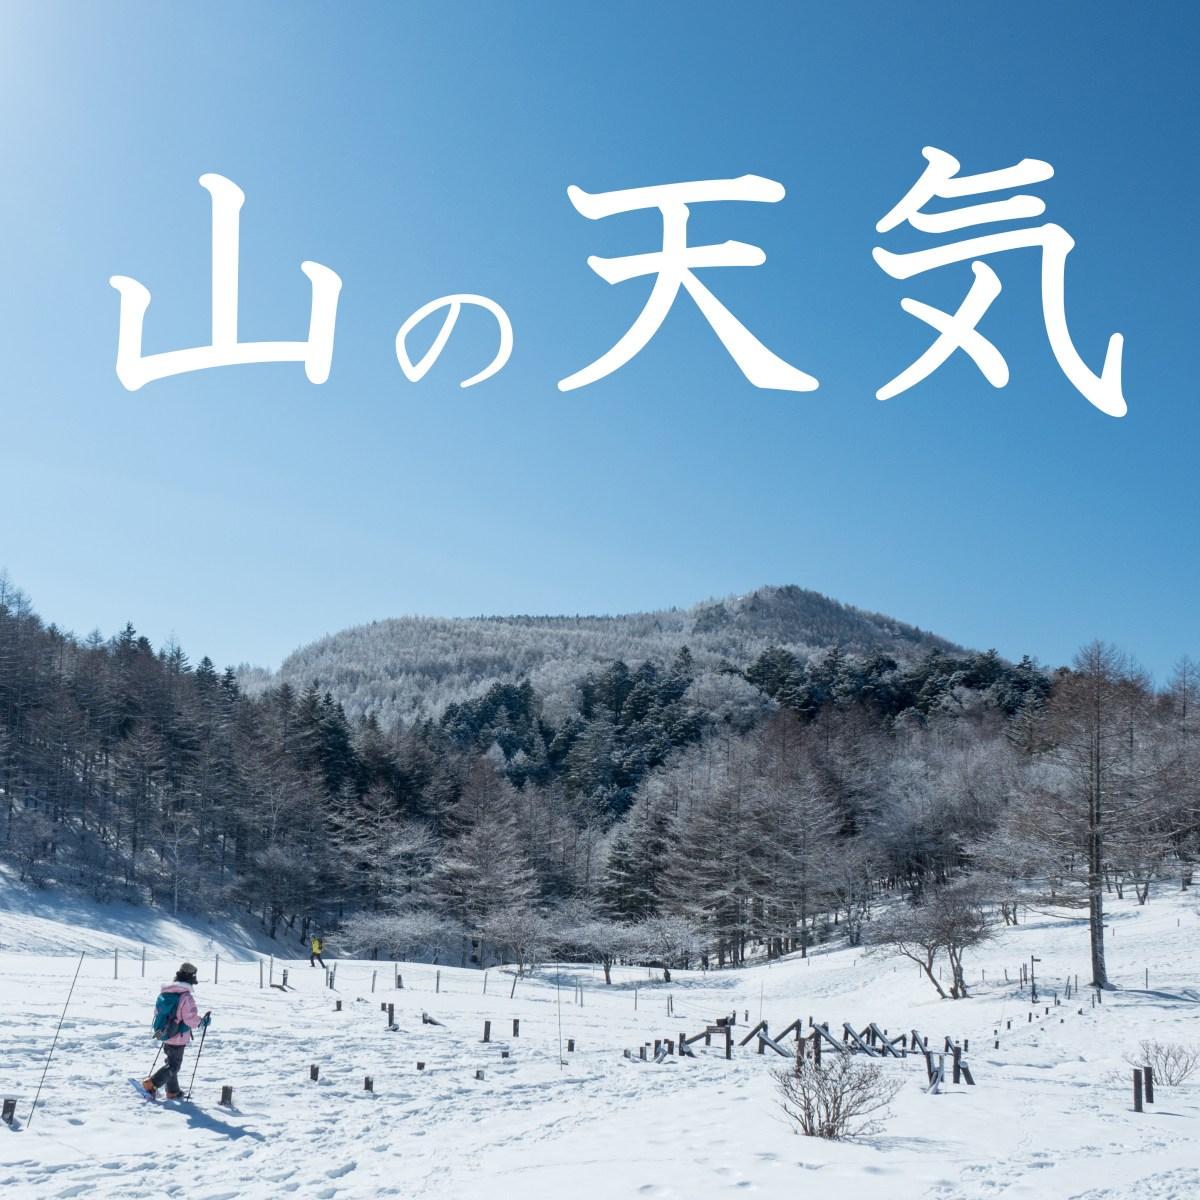 登山に使える天気予報サイトをまとめてみた